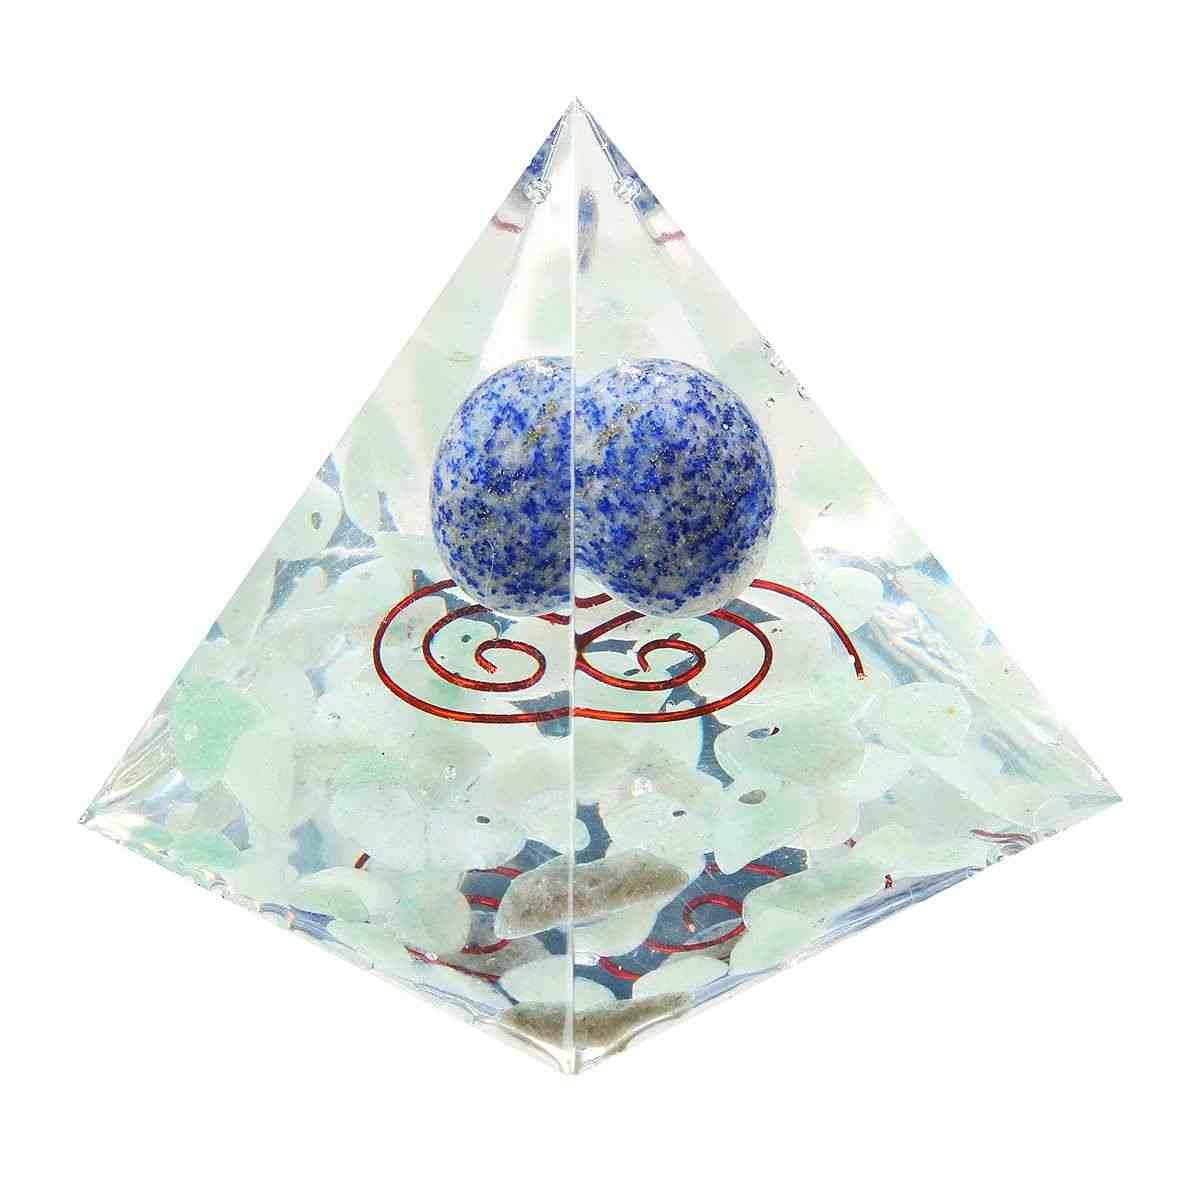 24 phong cách Orgone Năng Lượng Chuyển Đổi Orgonite Kim Tự Tháp Làm Dịu Các Linh Hồn Đá Mà Thay Đổi Từ Lĩnh Vực Của Cuộc Sống Đồ Trang Sức Nhựa